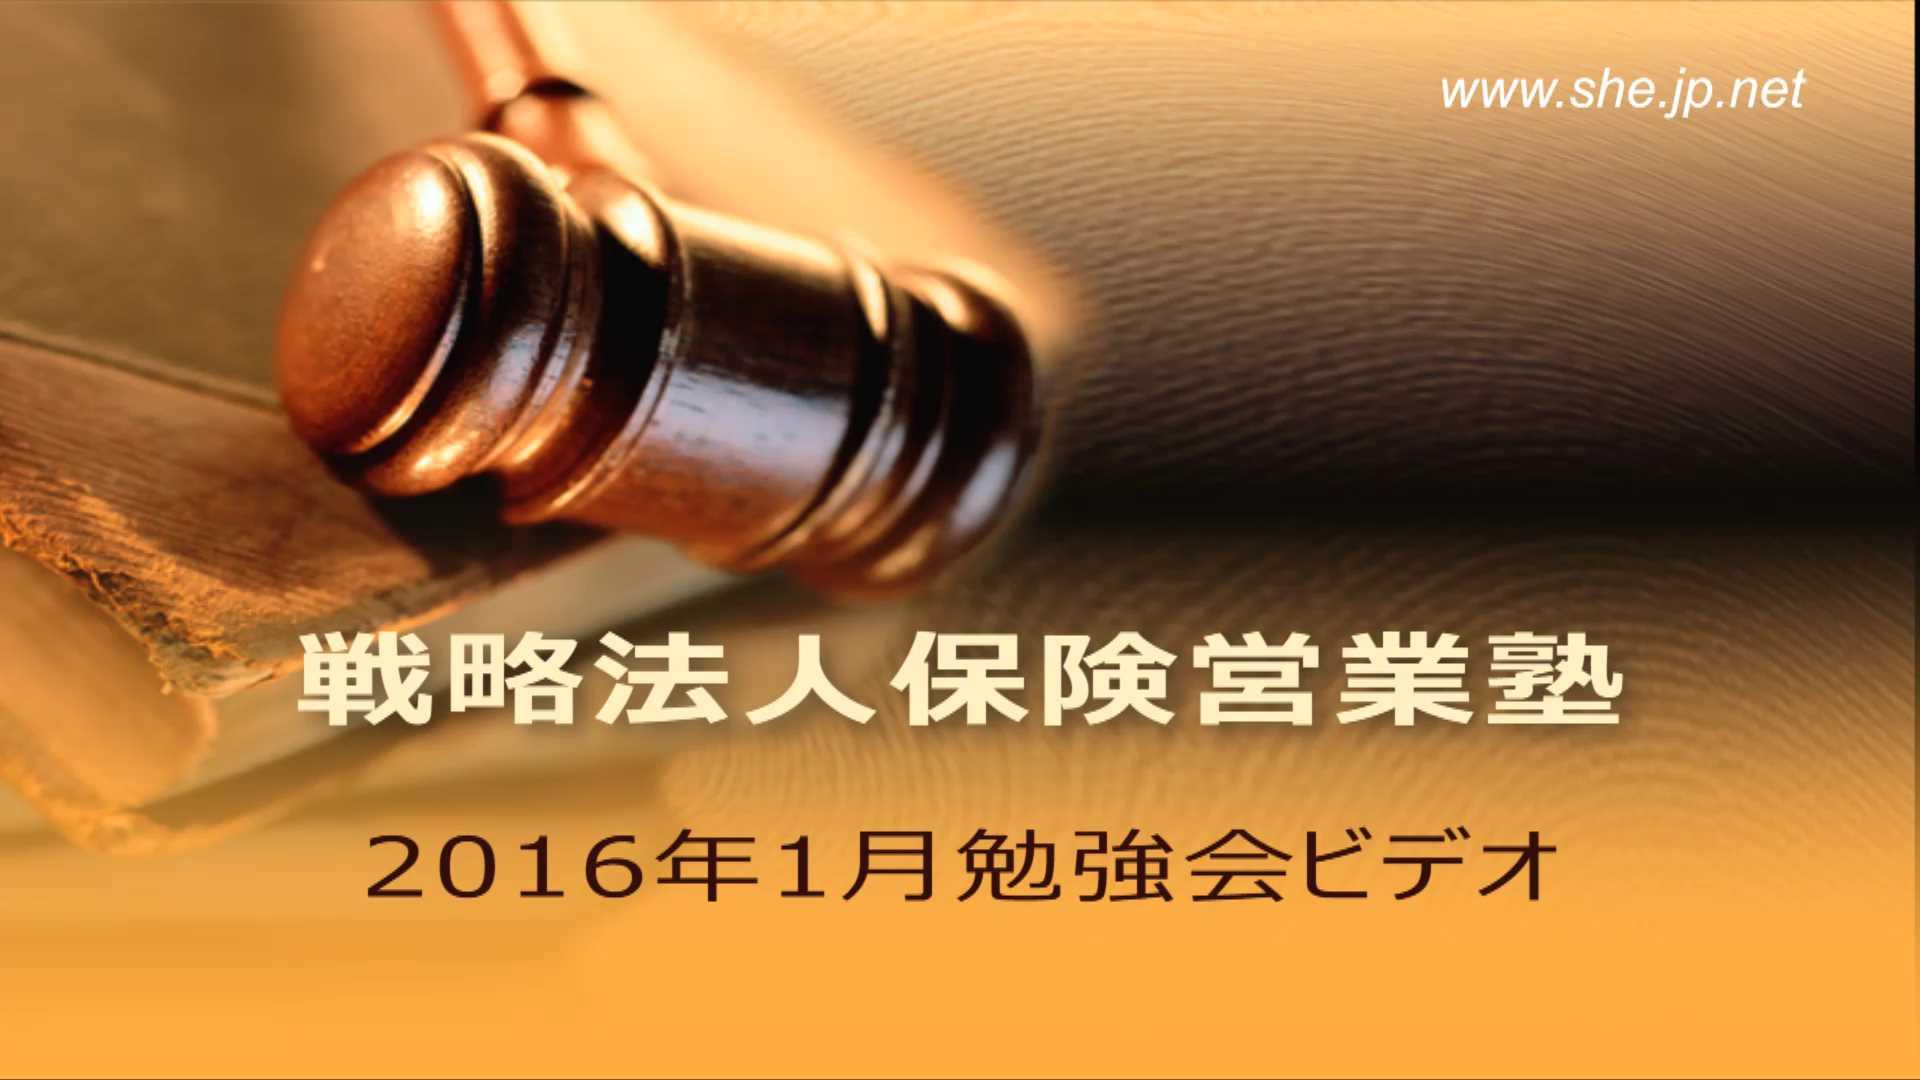 【受講者専用】 2016年1月LiveSHE勉強会ビデオ(メンバー限定)